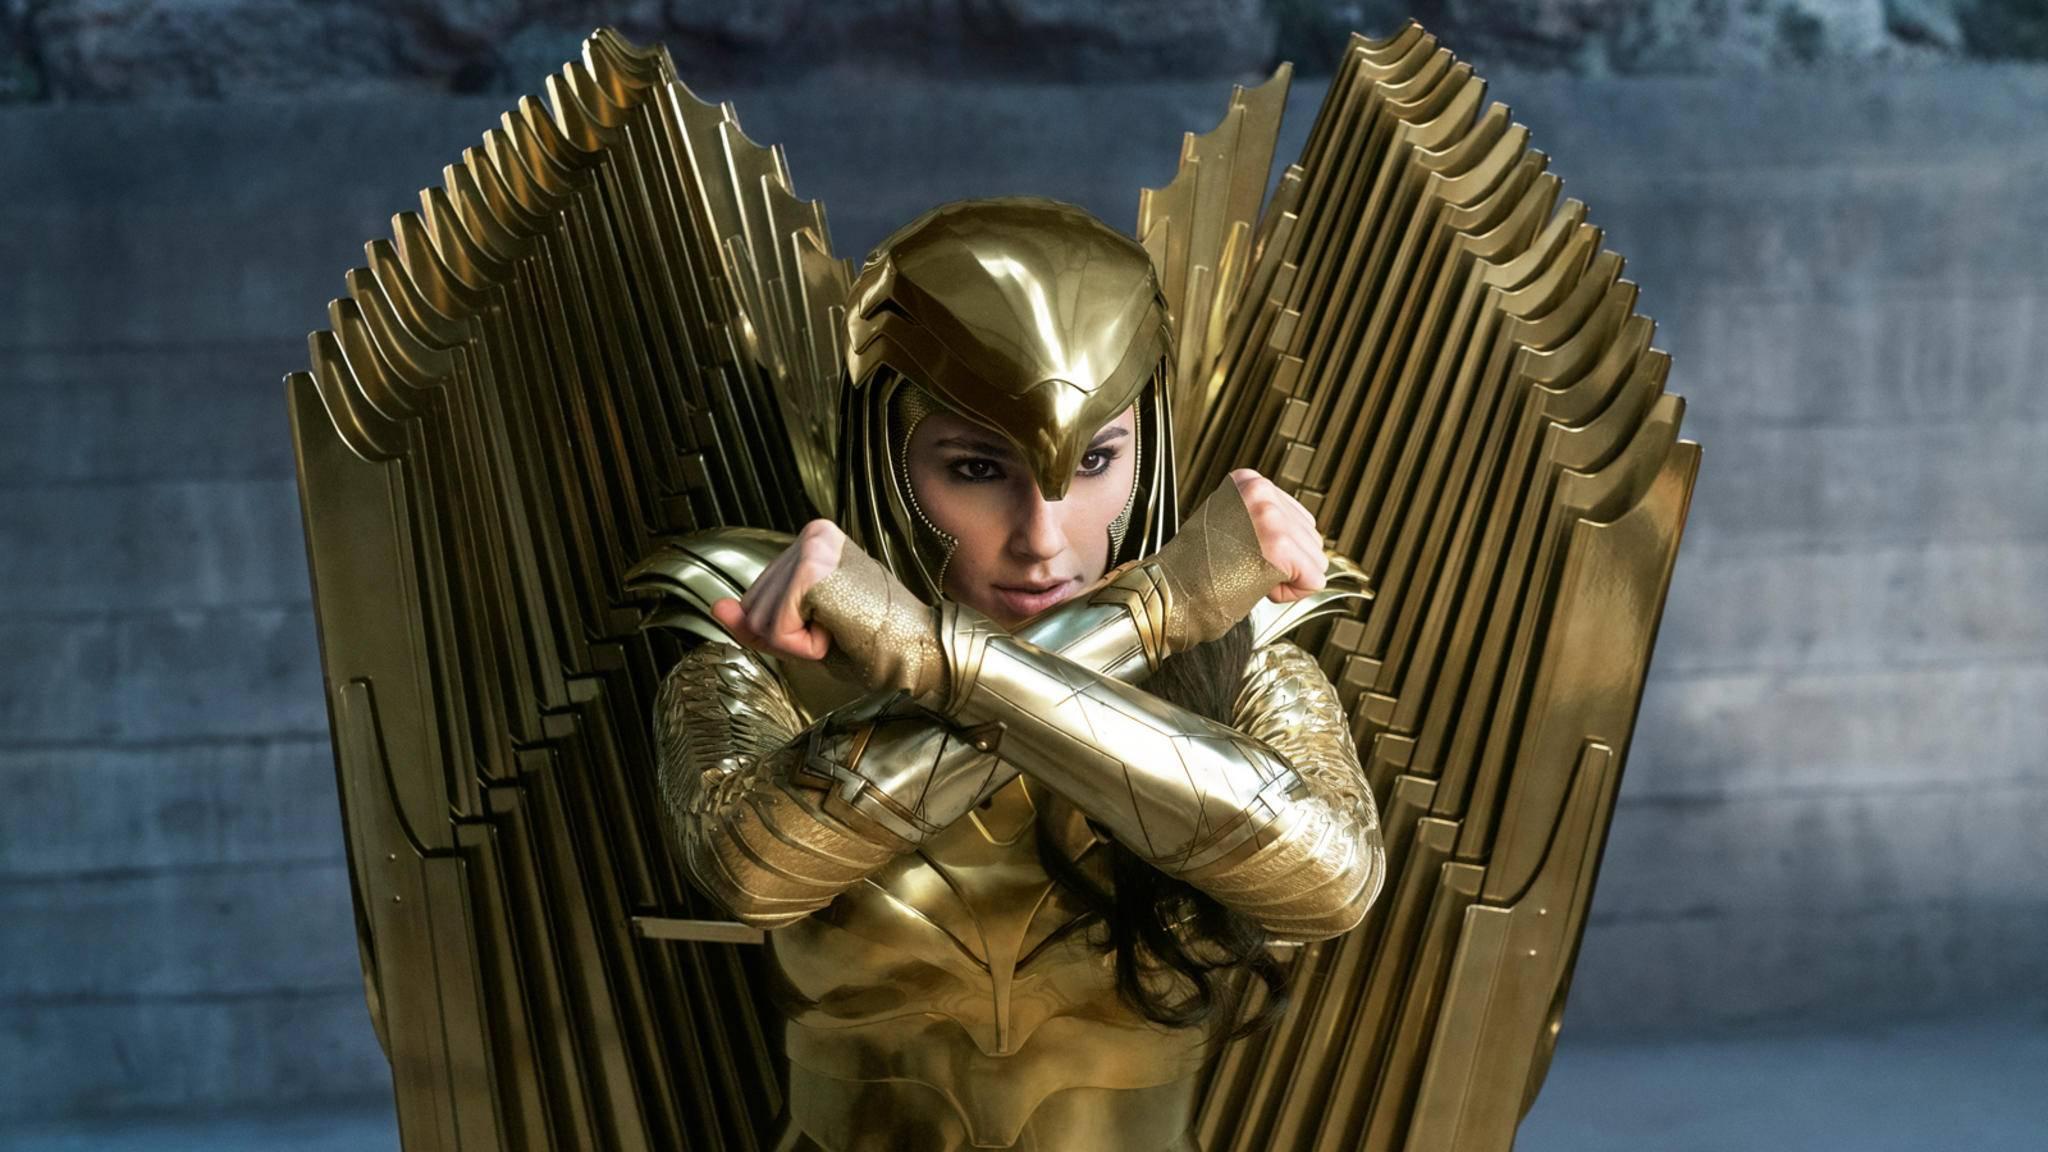 Wonder Woman 1984 Gal Gadot Golden Eagle Rüstung